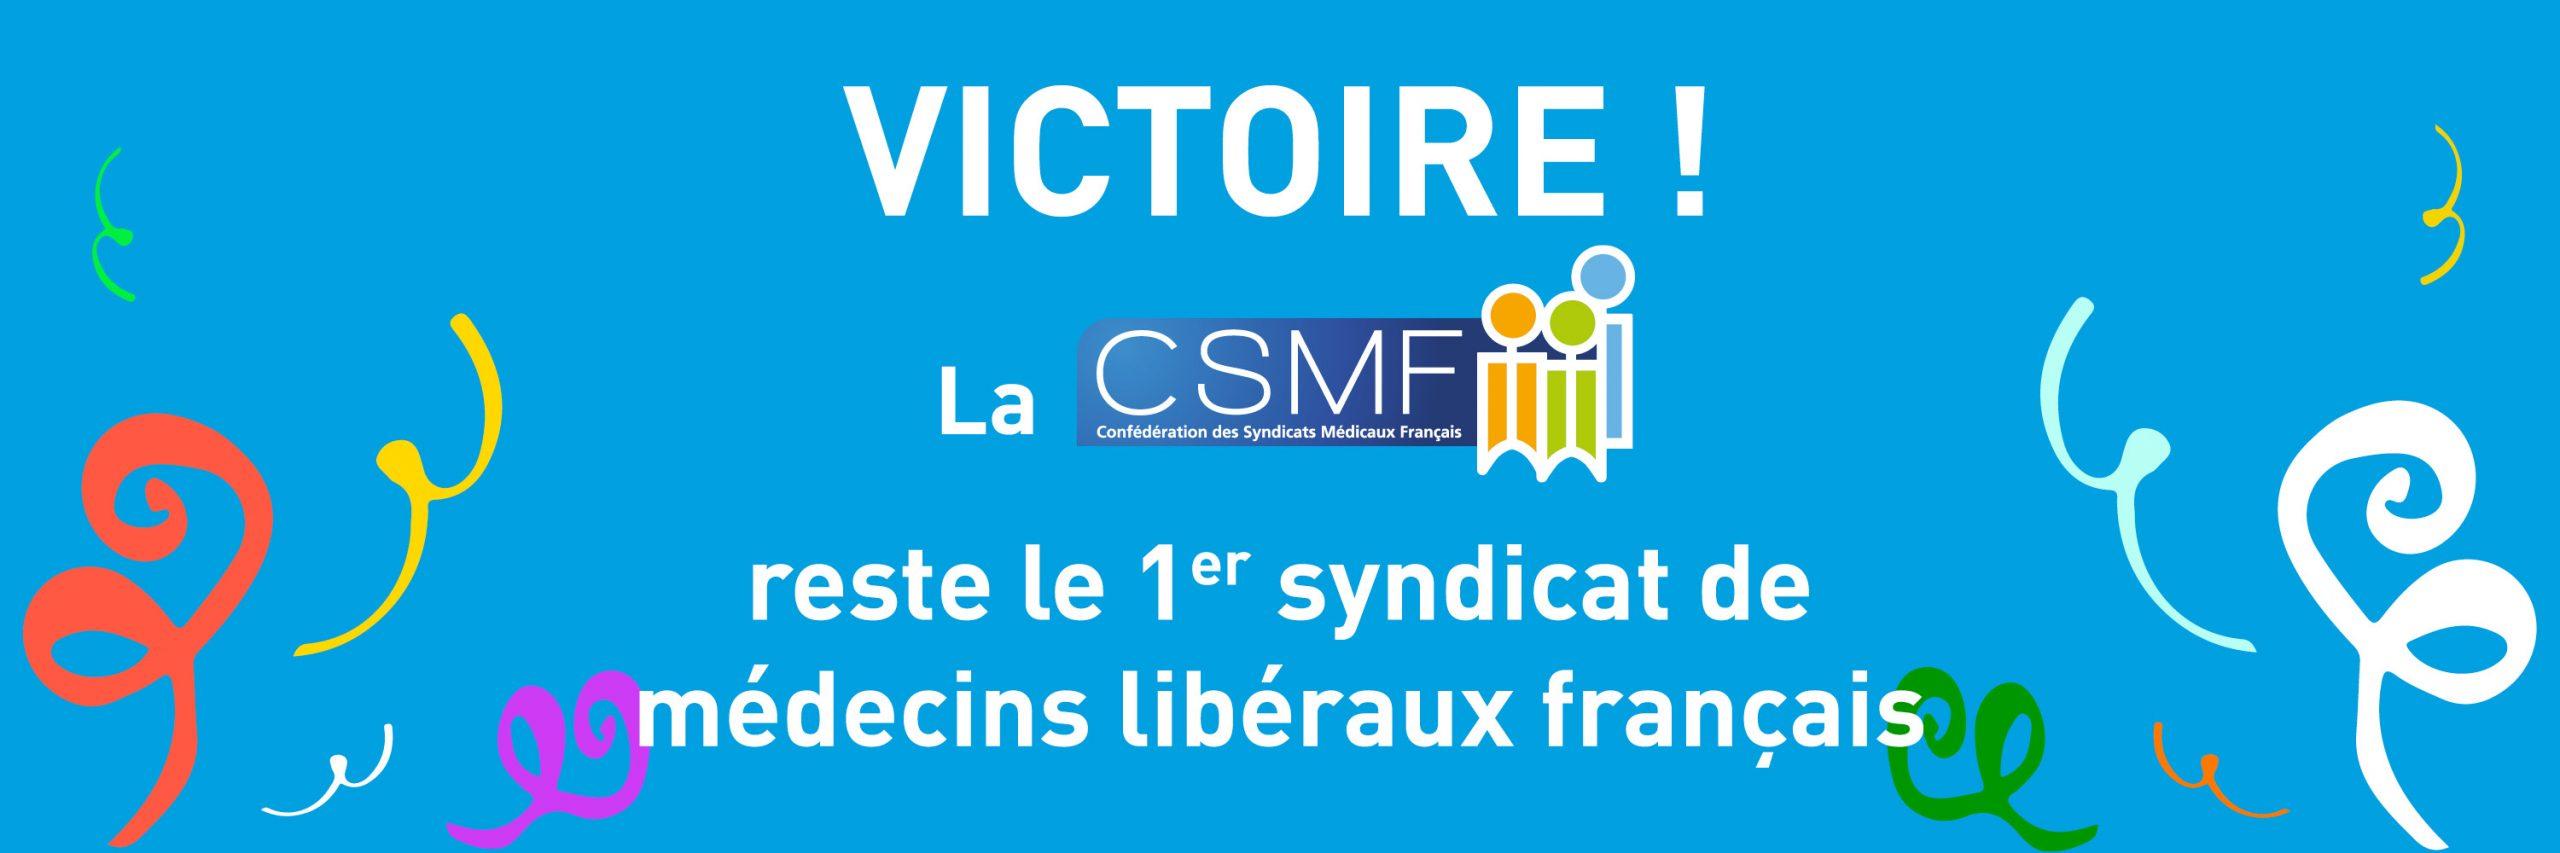 CSMF motion design victoire URPS - bandeau 1500x500